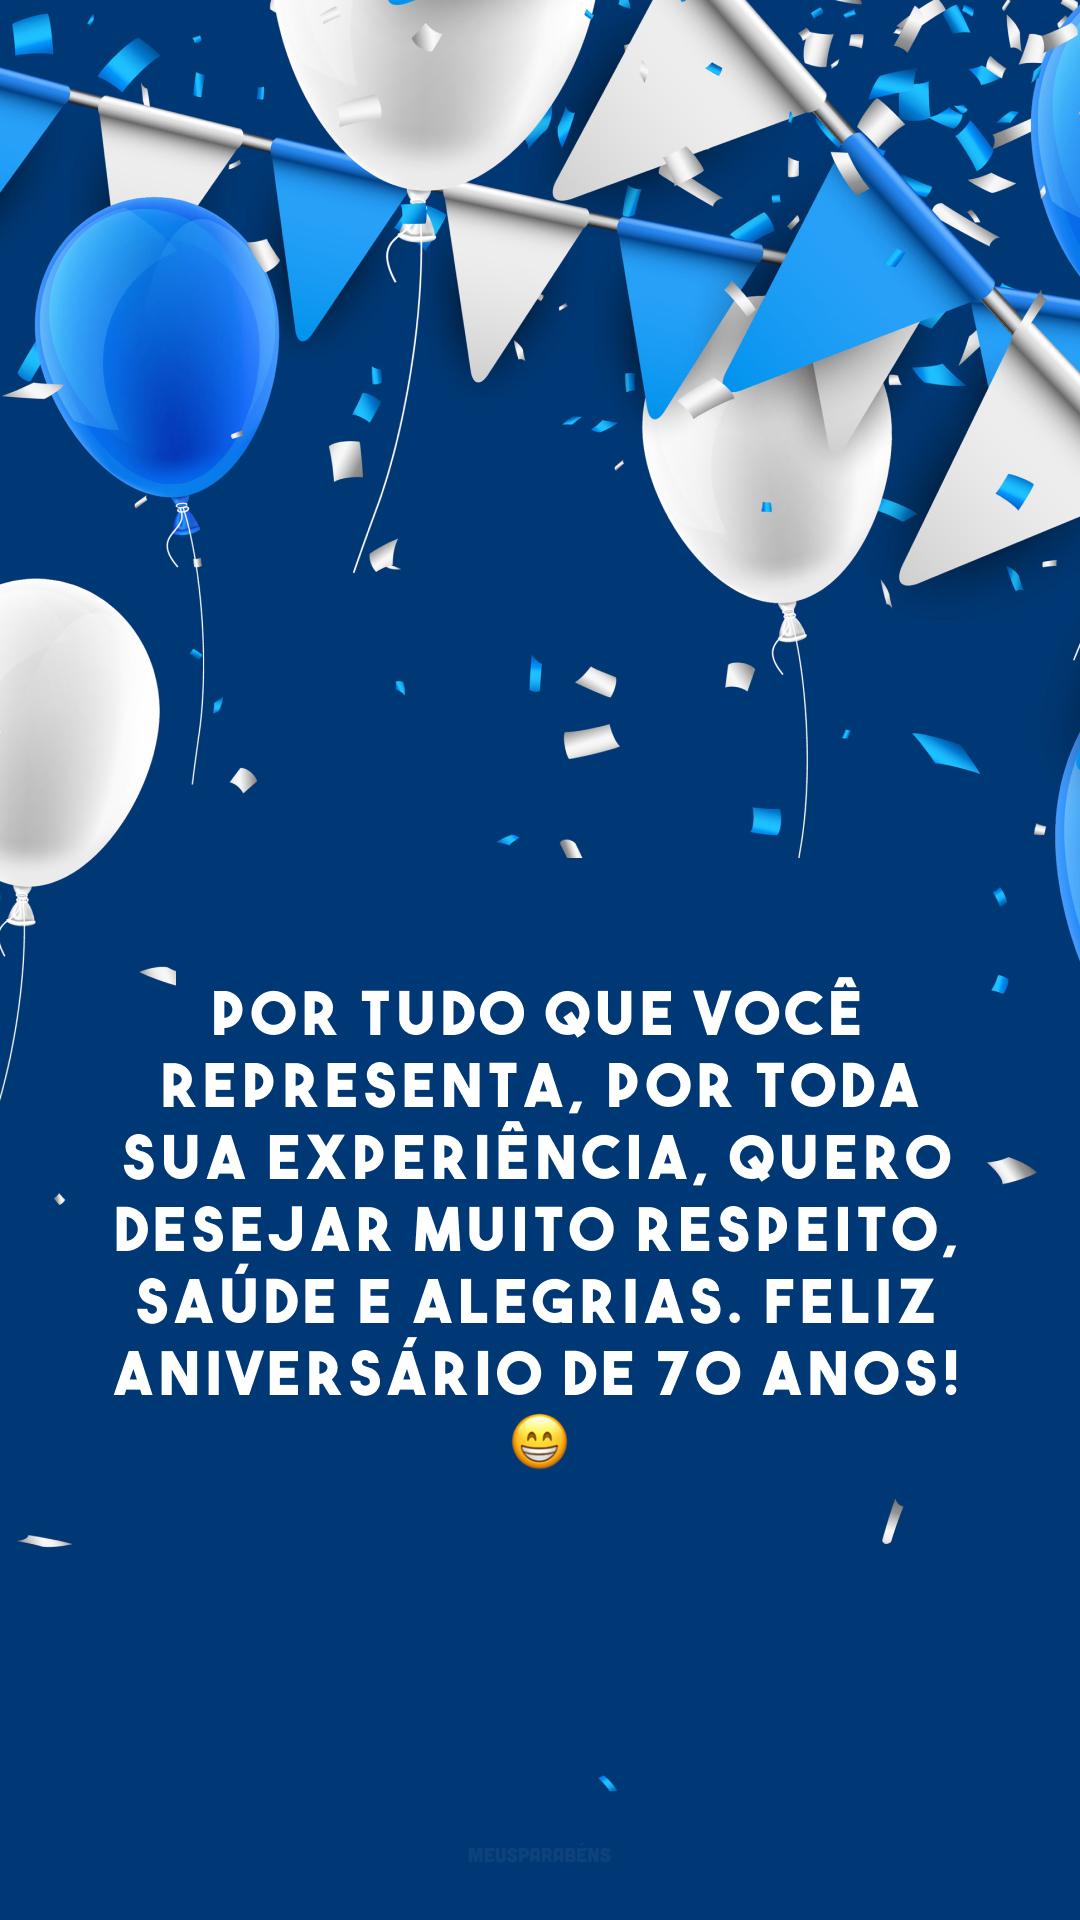 Por tudo que você representa, por toda sua experiência, quero desejar muito respeito, saúde e alegrias. Feliz aniversário de 70 anos! 😁